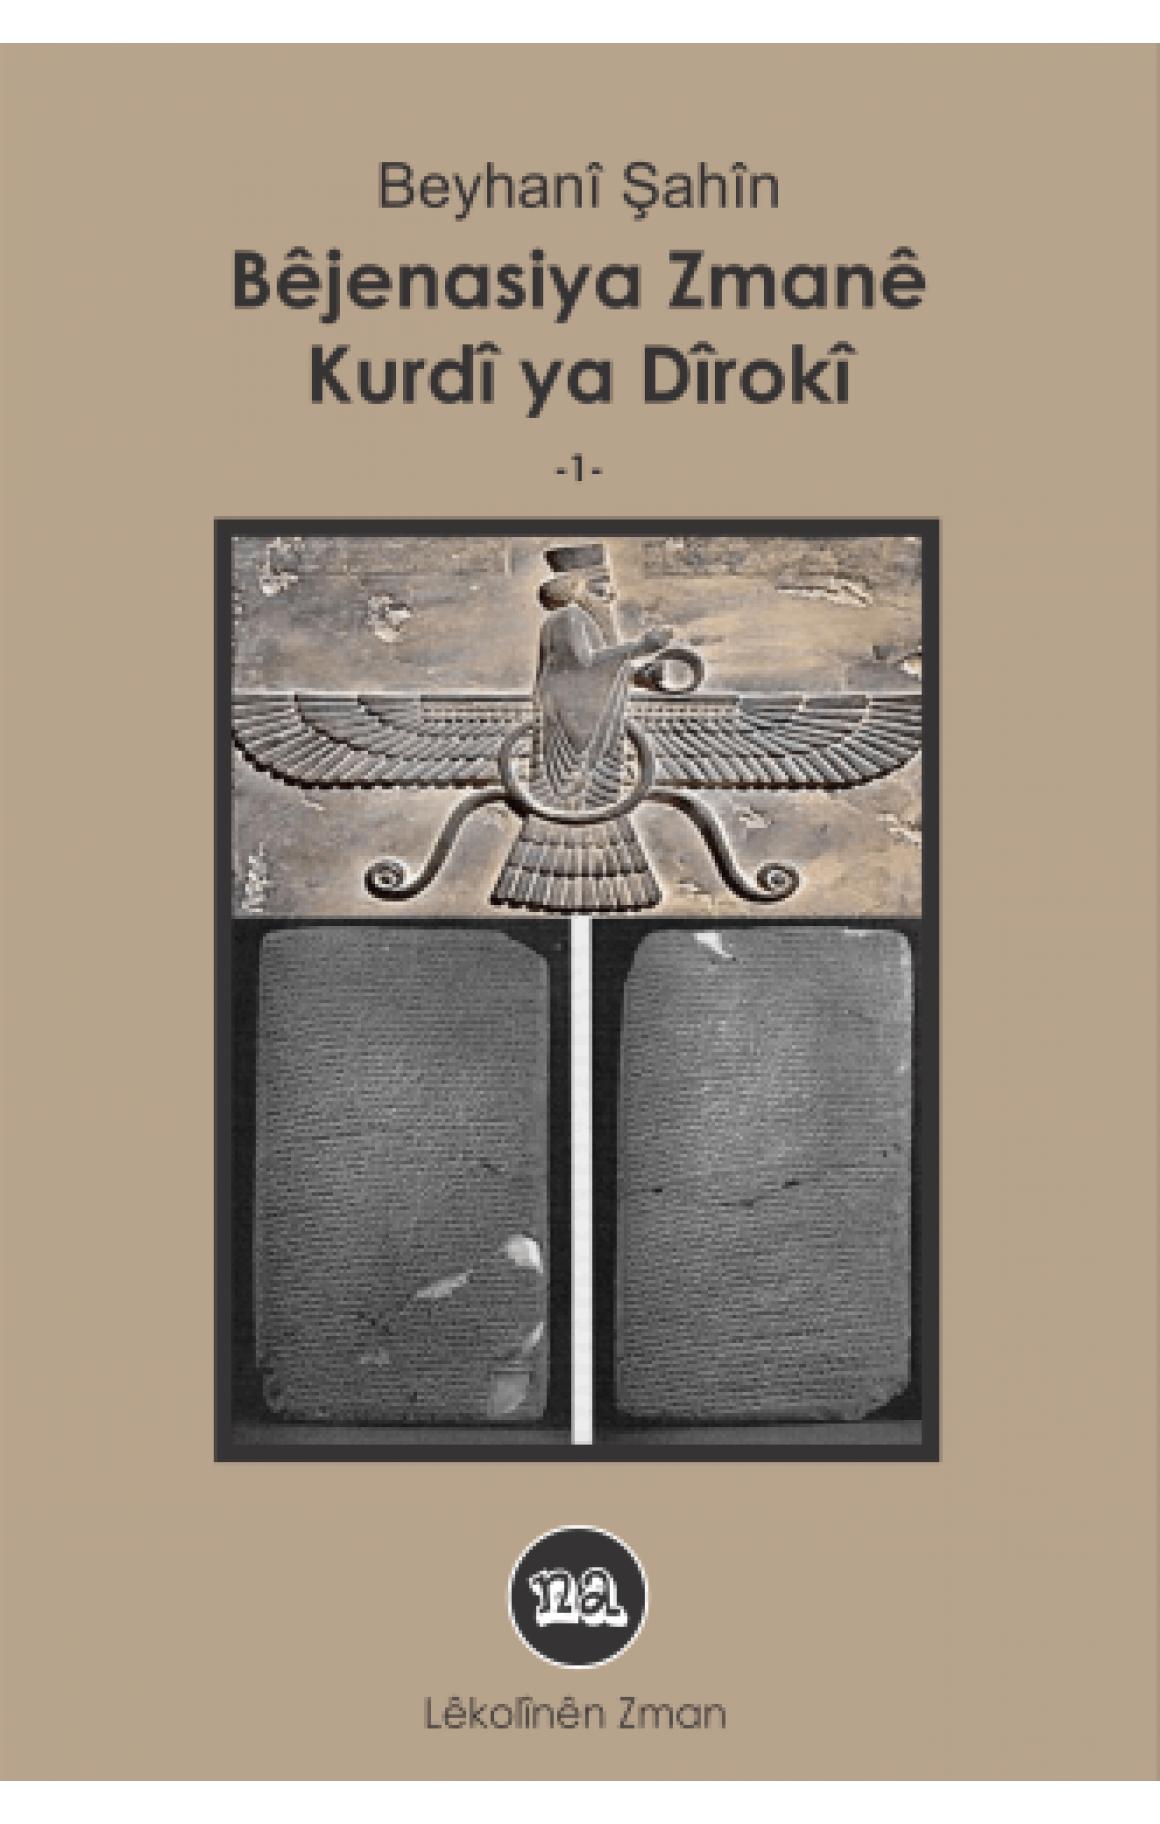 Bêjenasiya Zmanê Kurdî ya Dîrokî